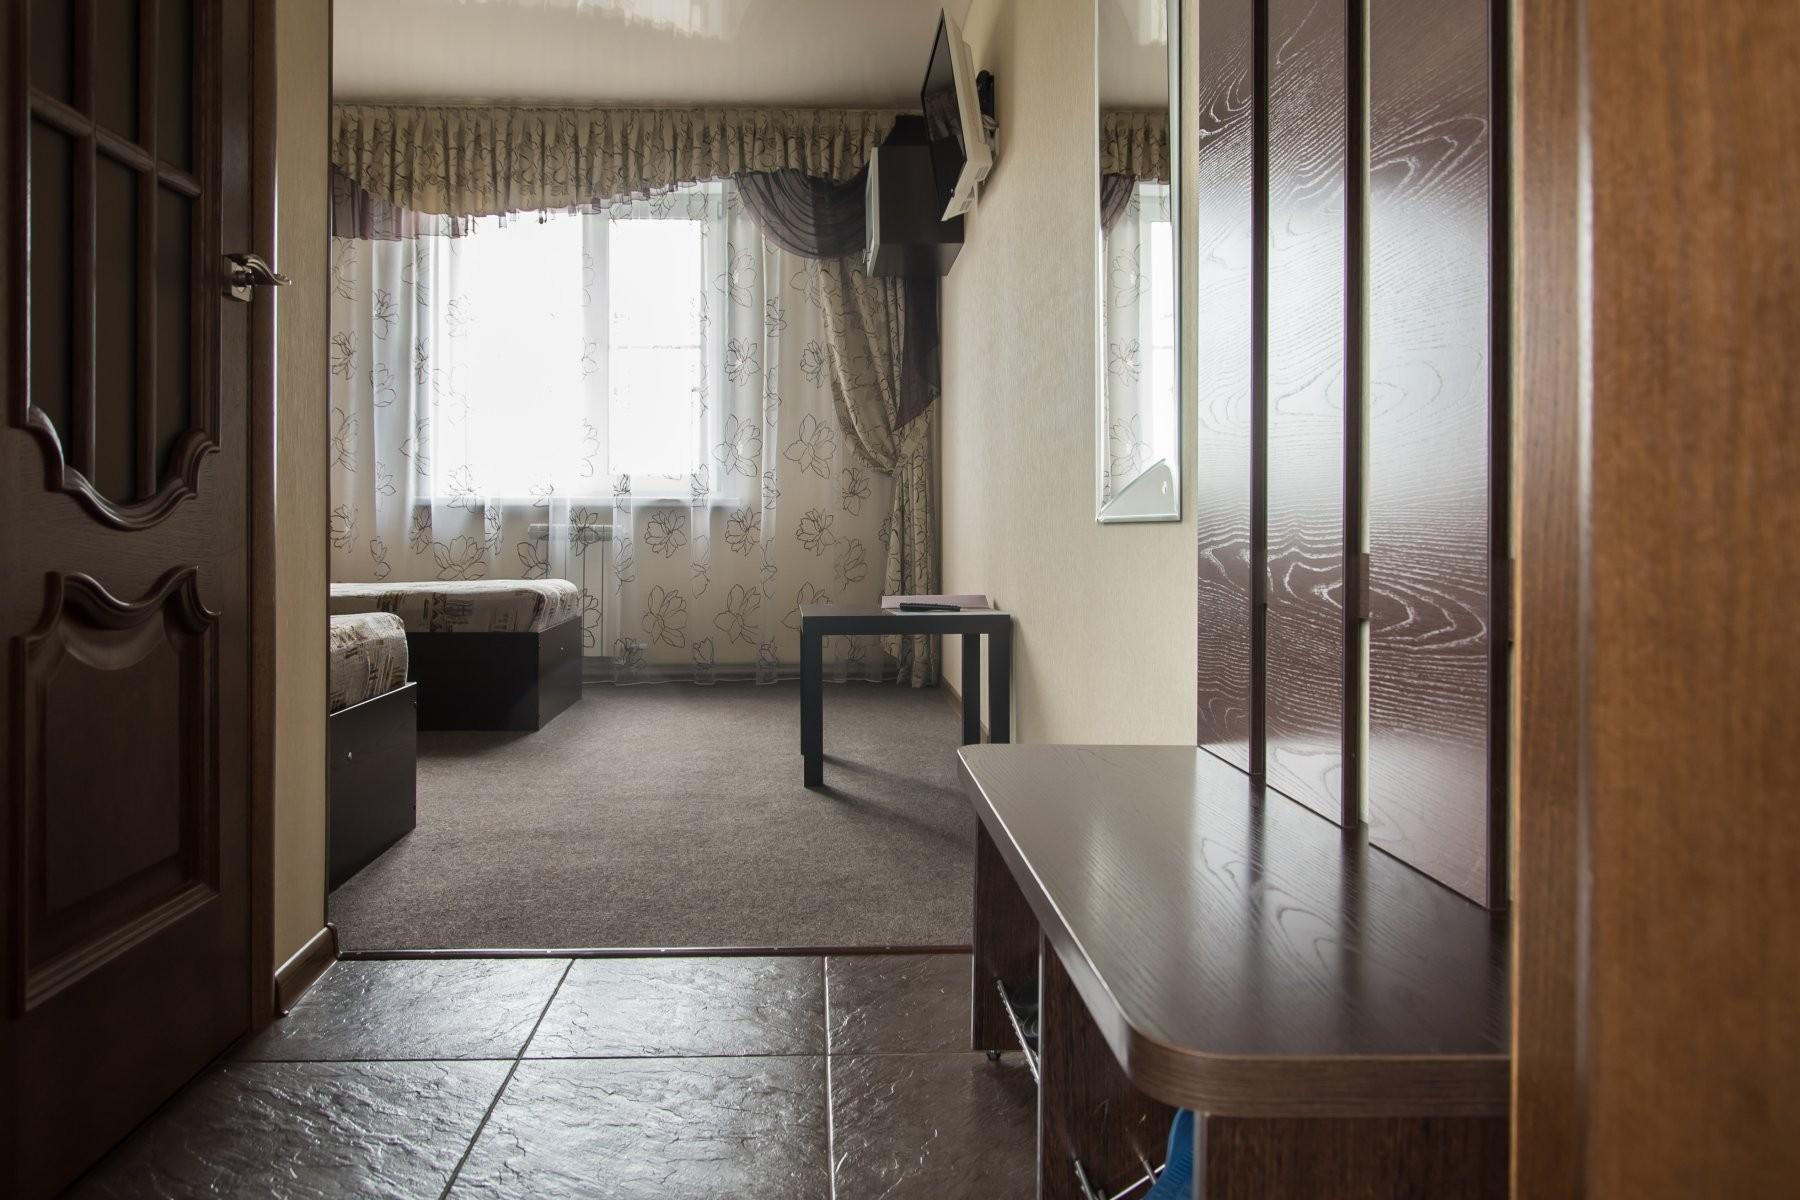 Шоколад, гостиничный комплекс - №65